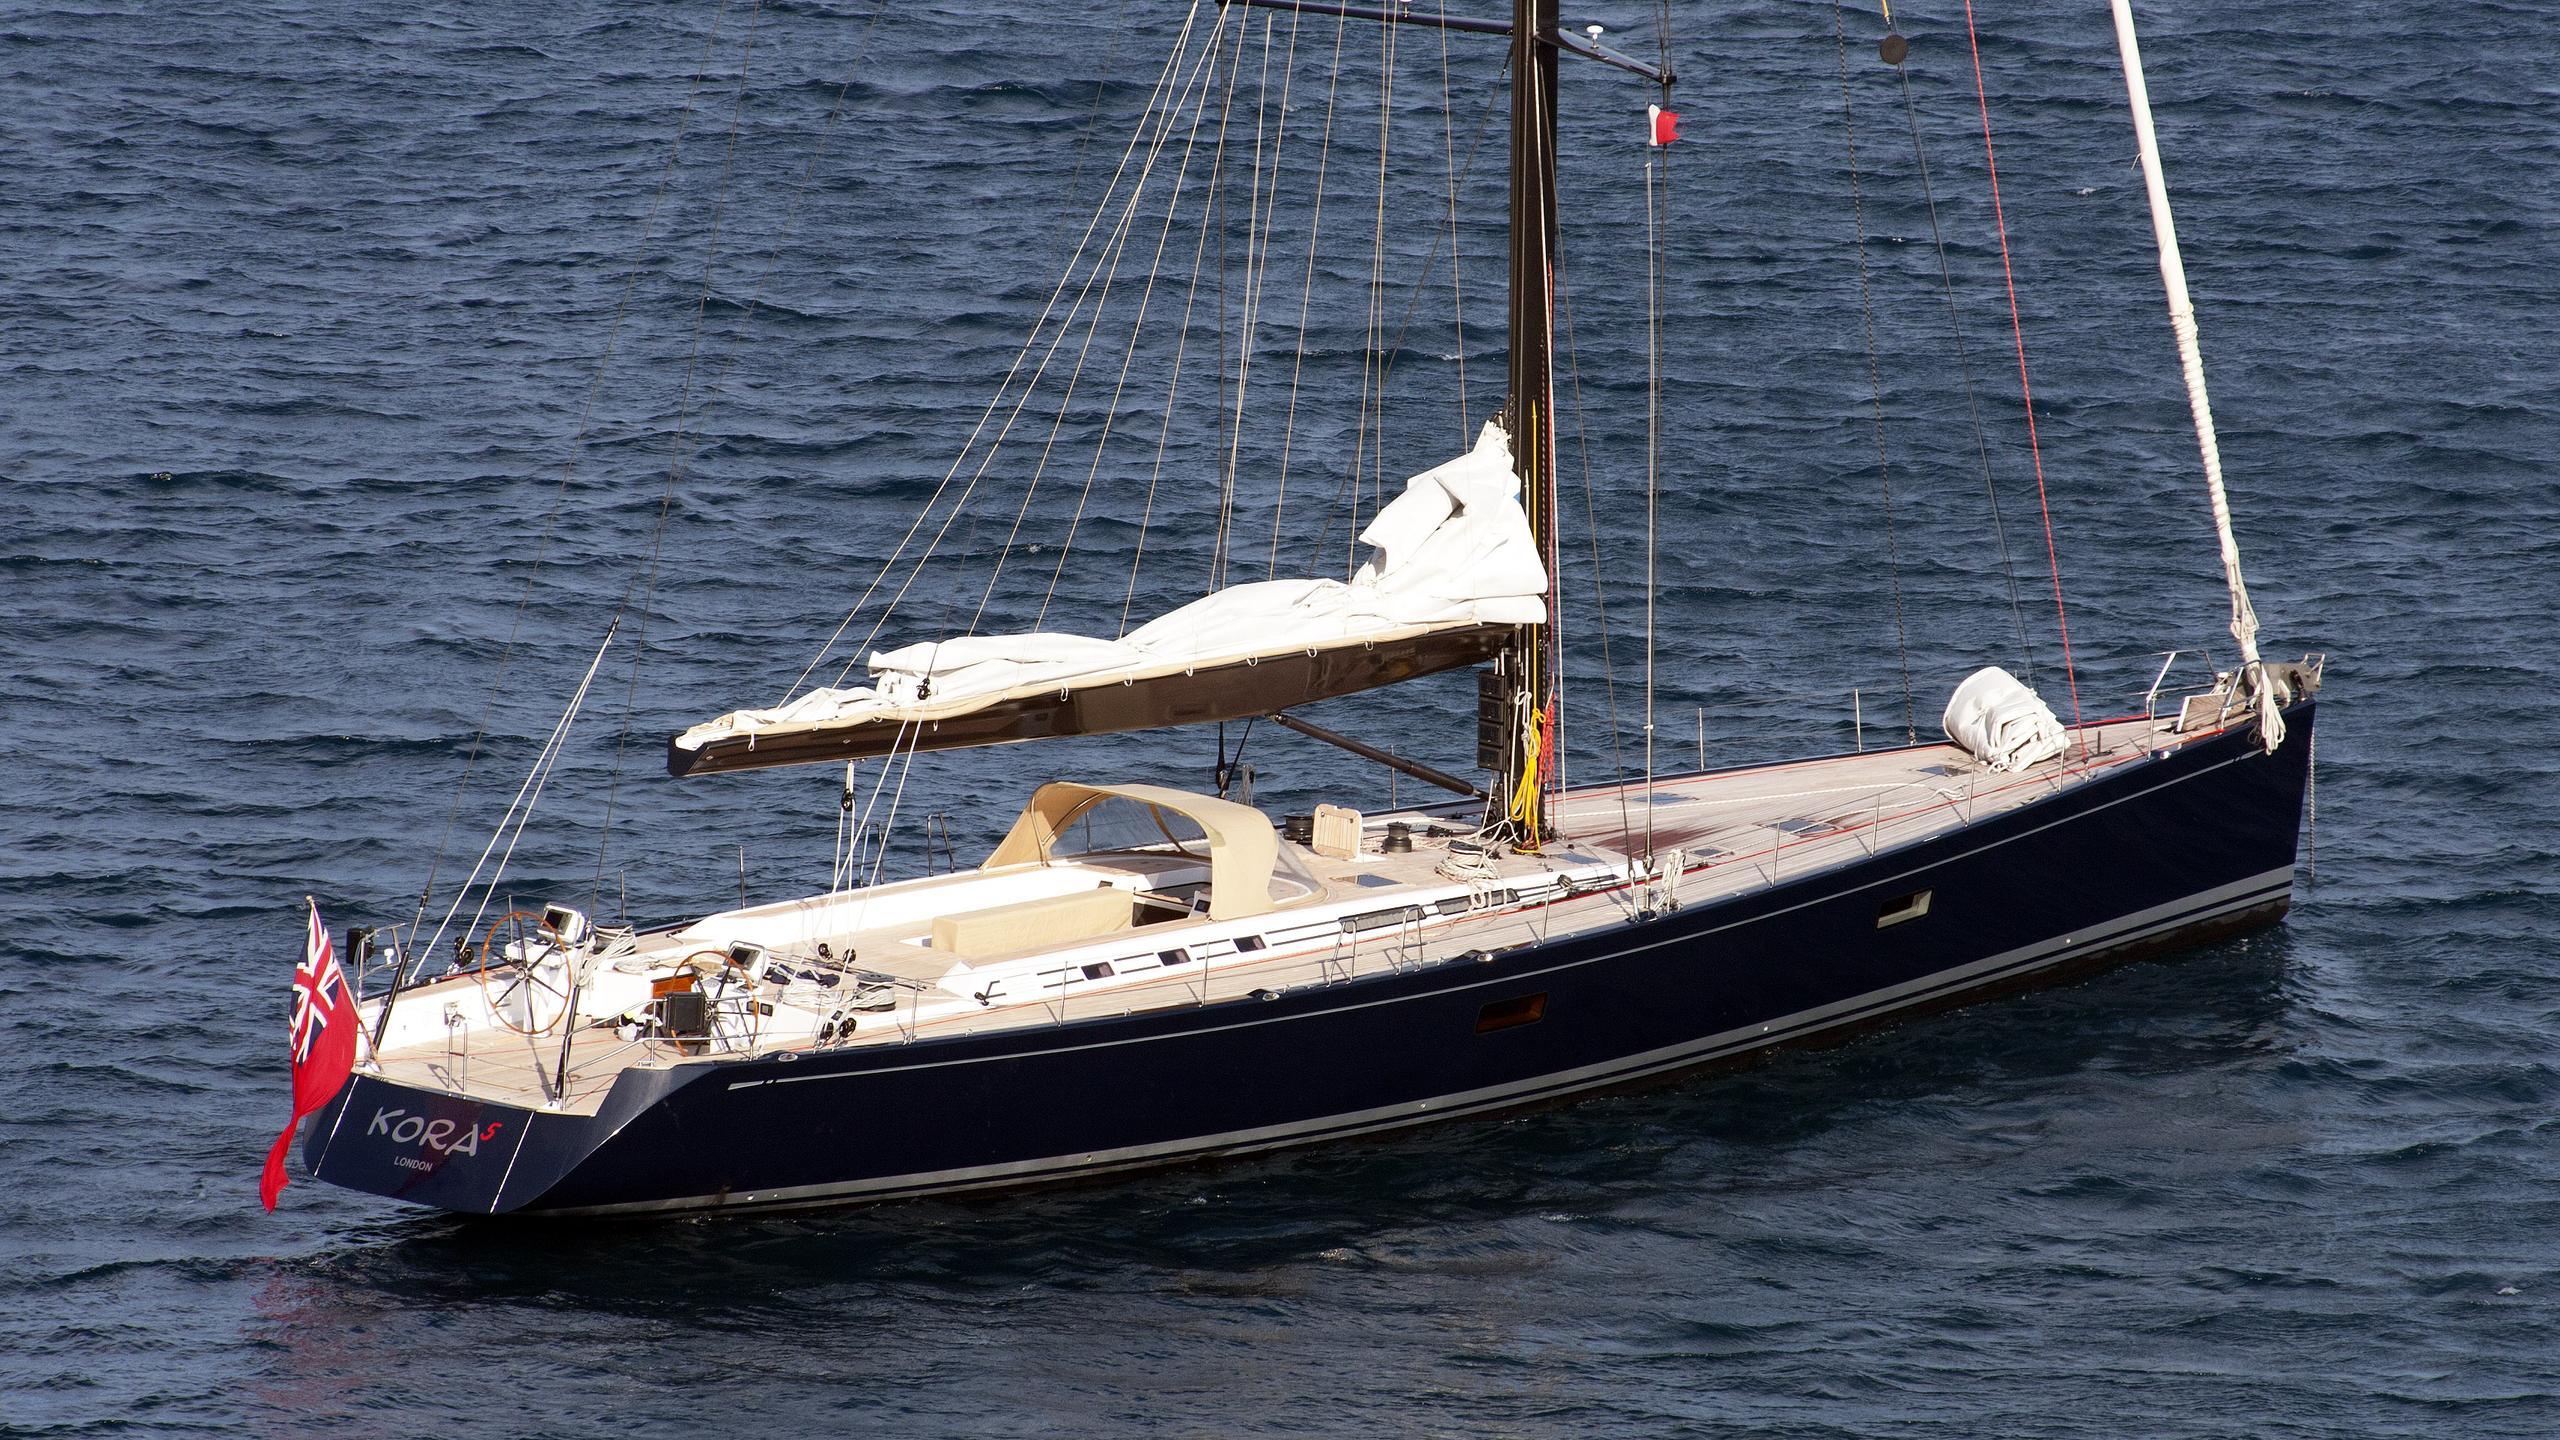 kora-sailing-yacht-nautros-swan-80-2002-25m-aerial